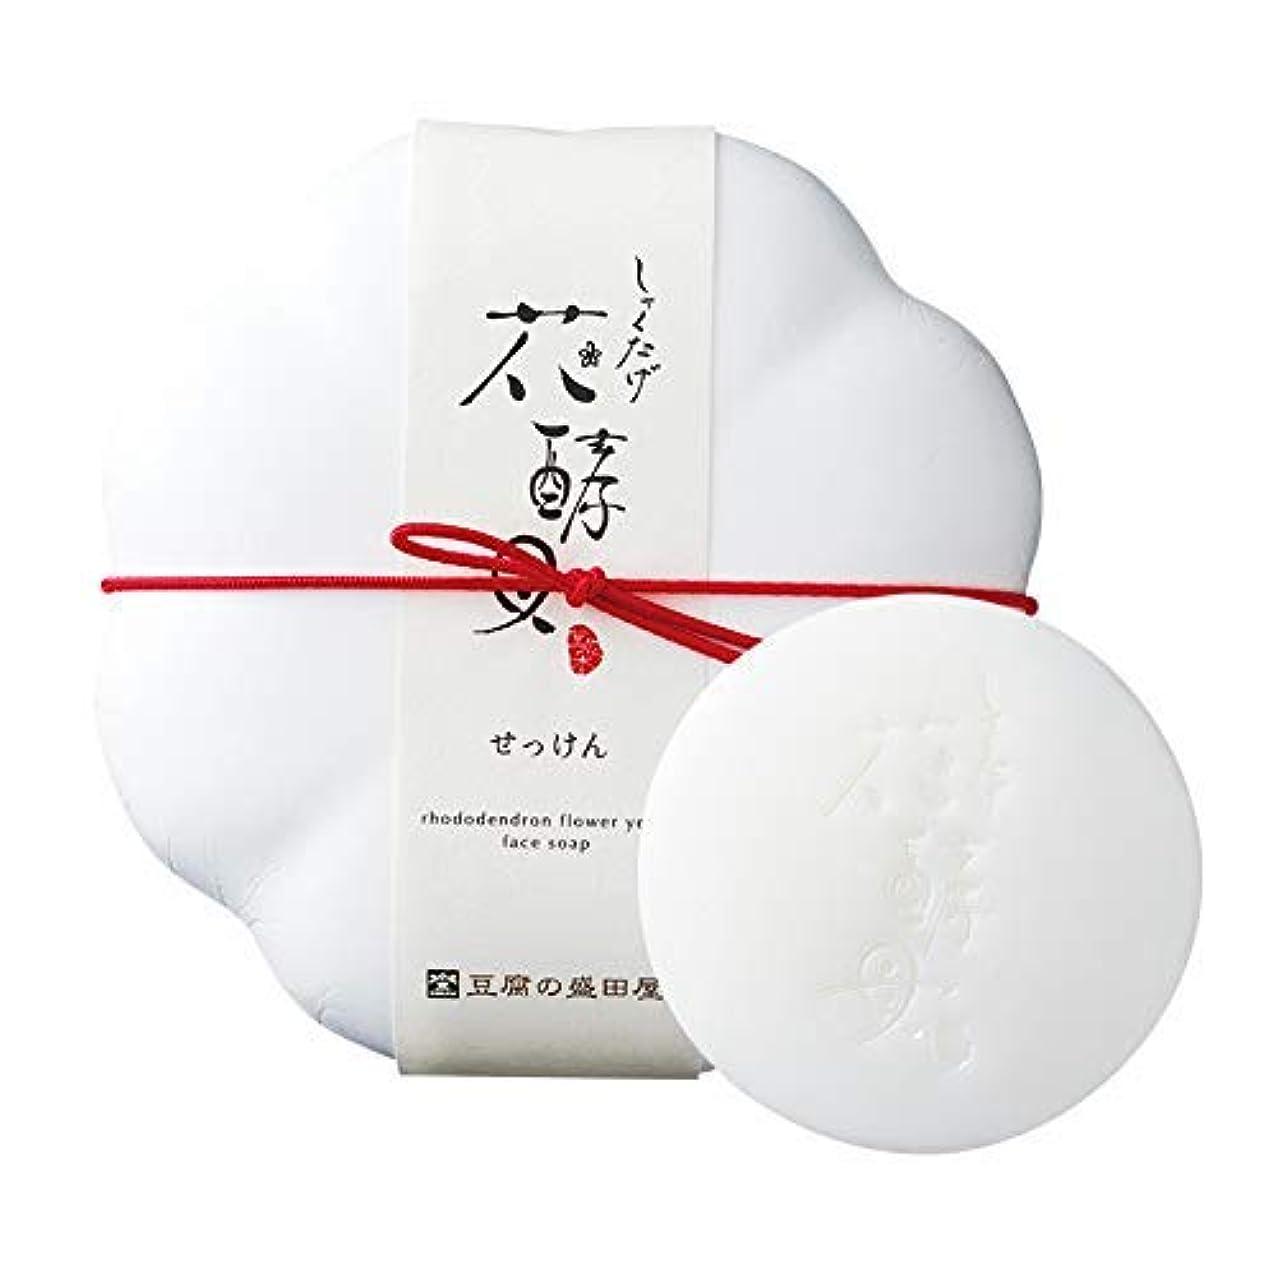 天気屈辱するお金ゴム豆腐の盛田屋 豆花水 しゃくなげ花酵母せっけん 50g